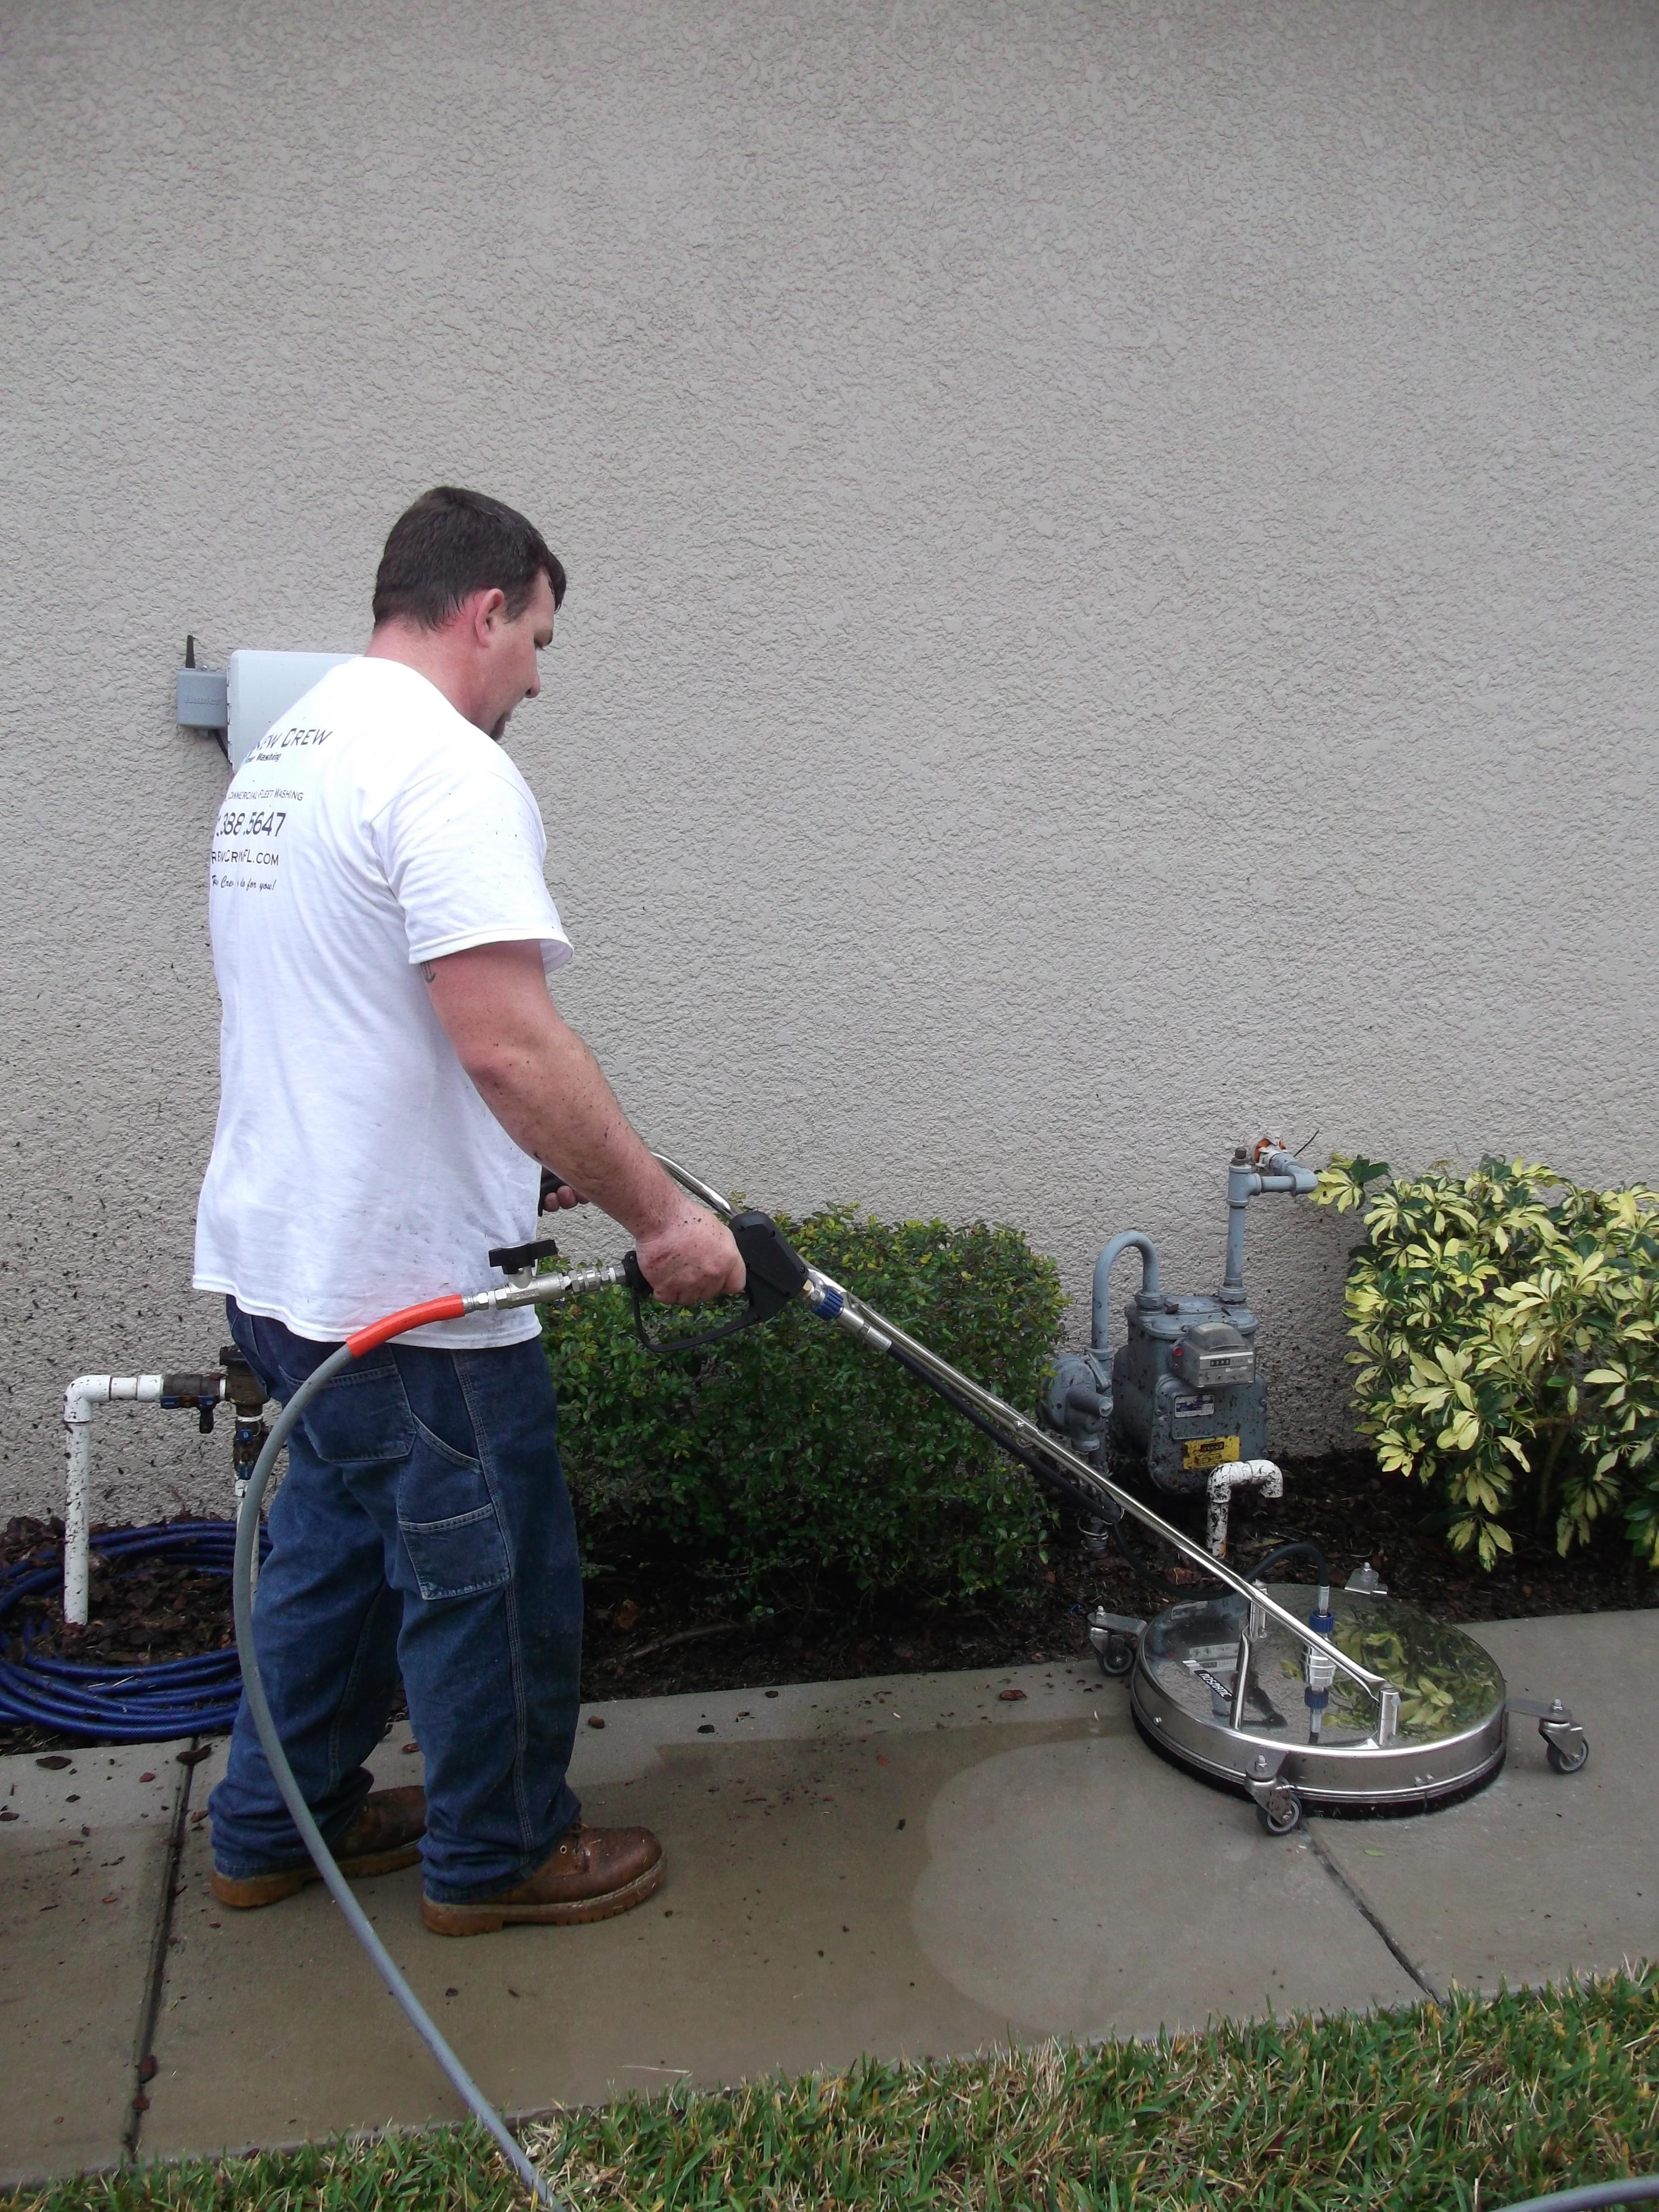 Renew Crew Power Washing - Tampa Bay